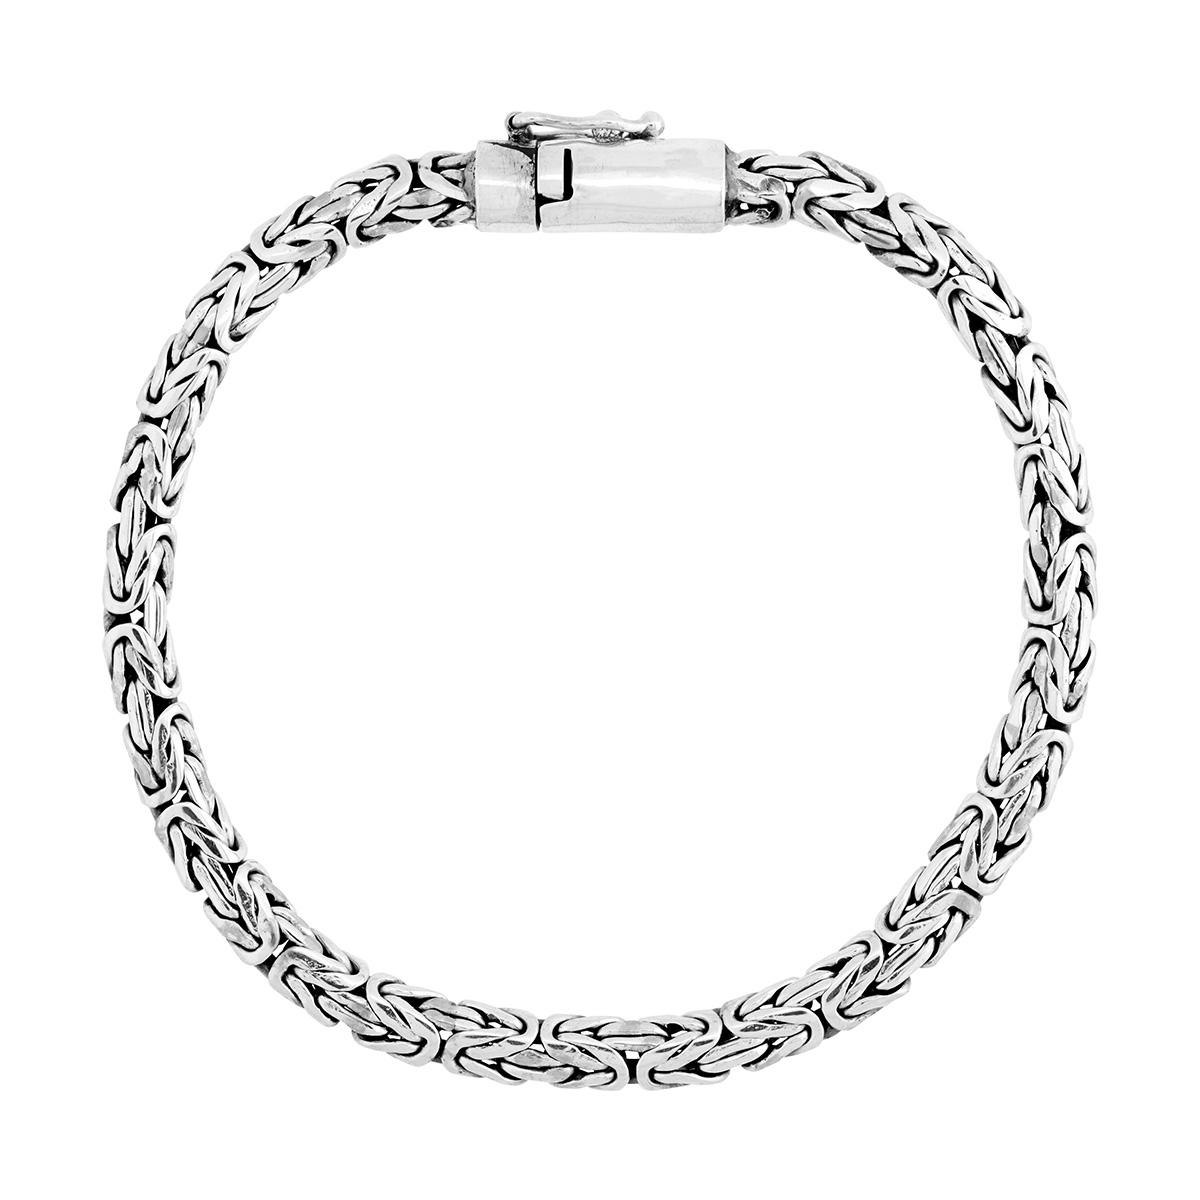 Medewi Silver Bracelet